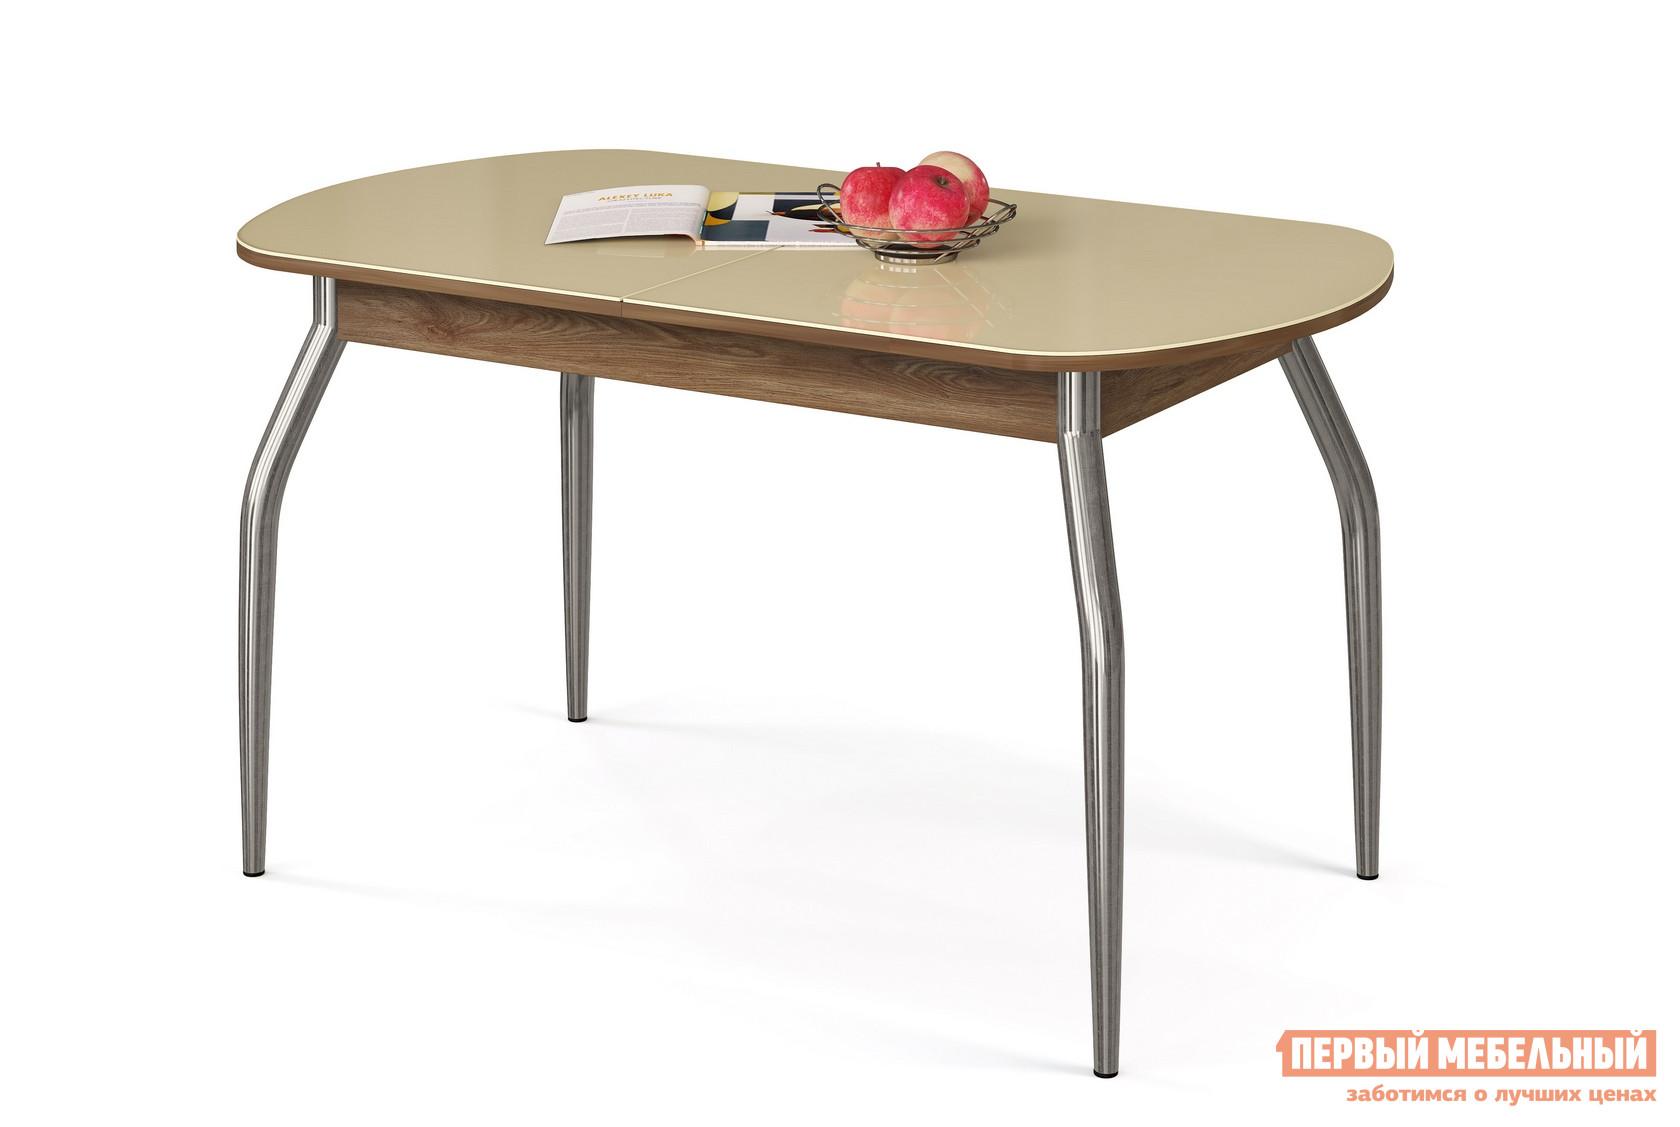 Кухонный стол МегаЭлатон Сиена Мини-Стекло Бежевый, Дуб швейцарский